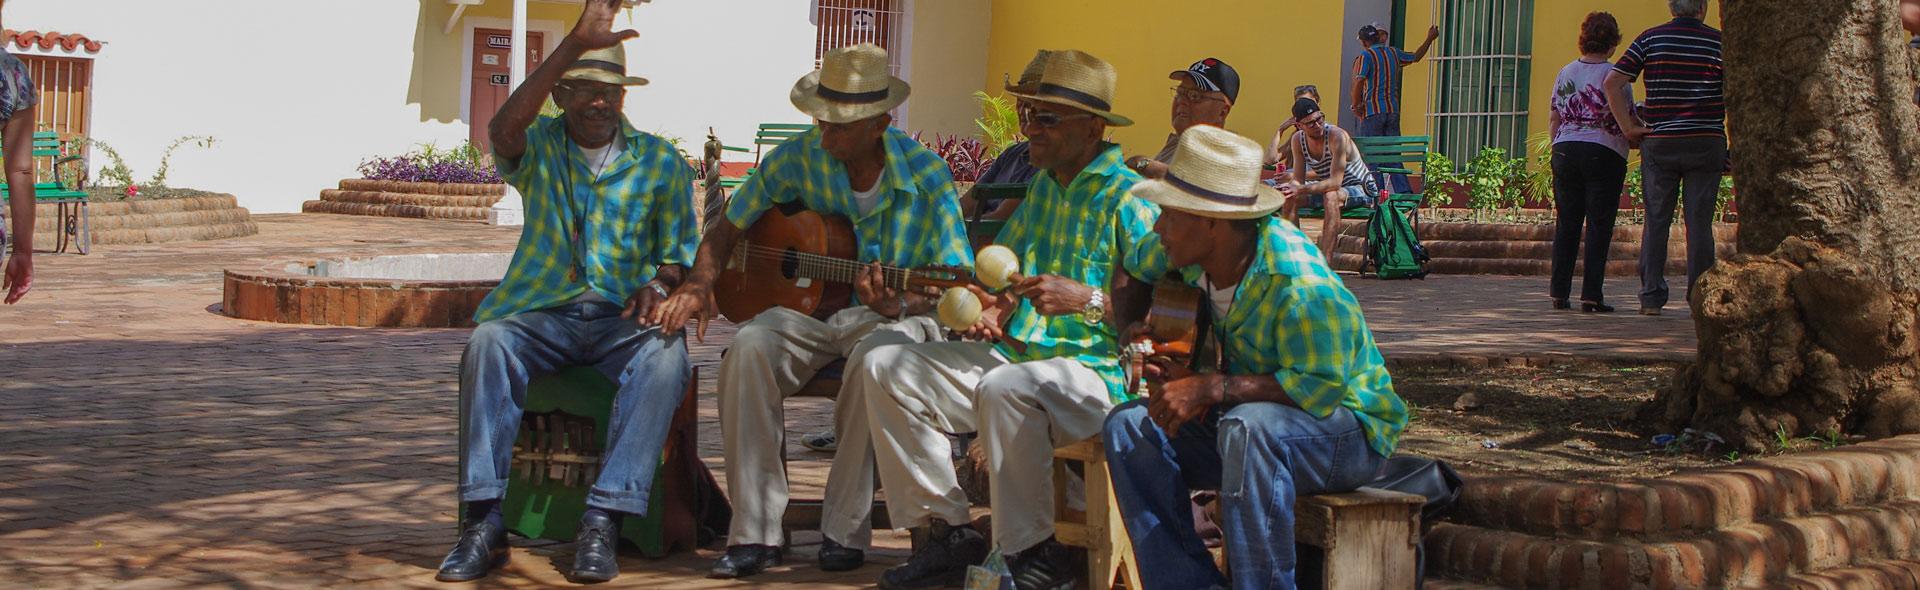 Livemusik in Trinidad